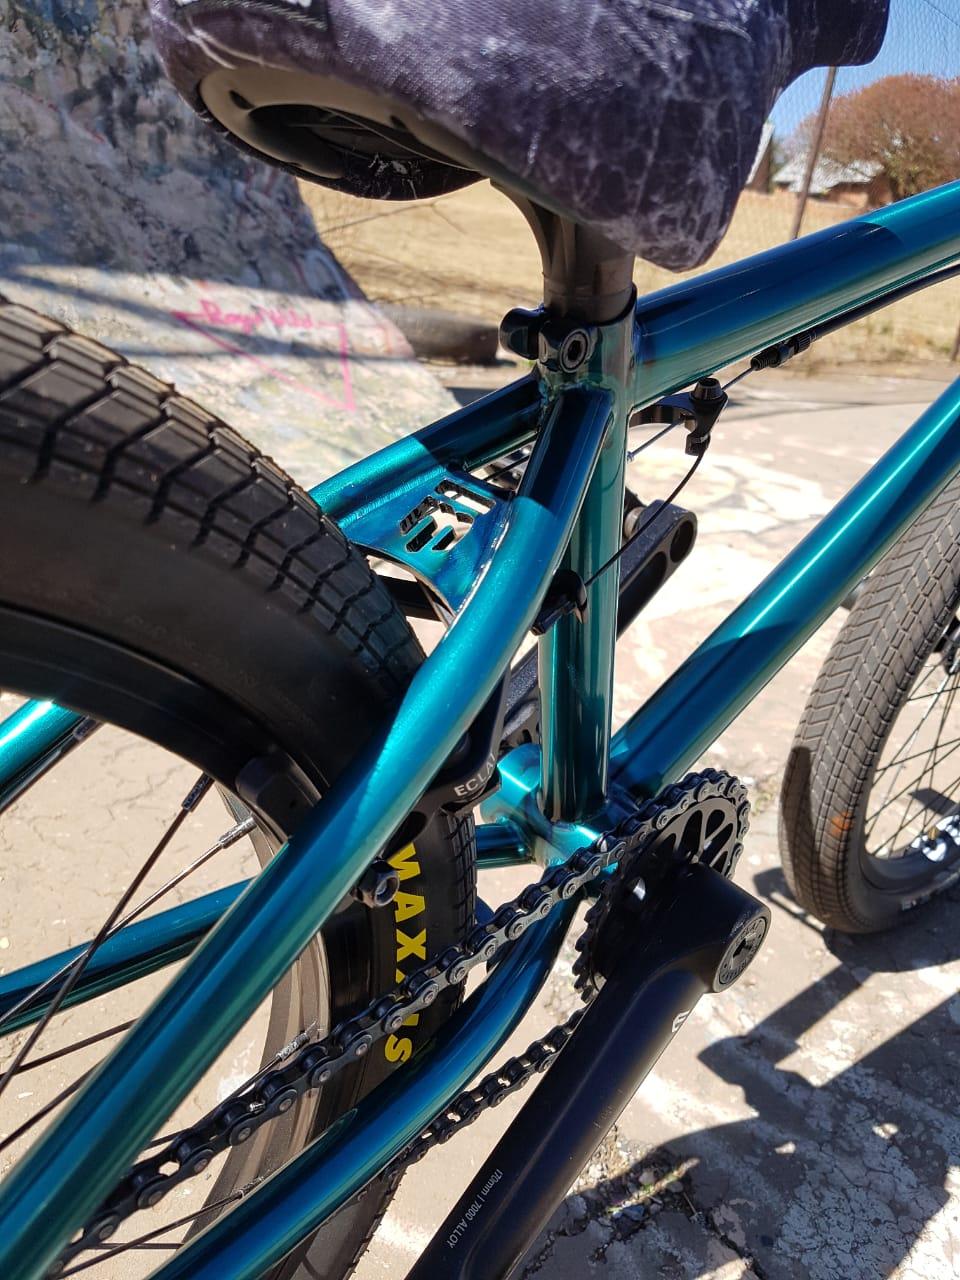 Mongoose BMX South Africa - Team Rider Bike Checks | BMX | LW Mag